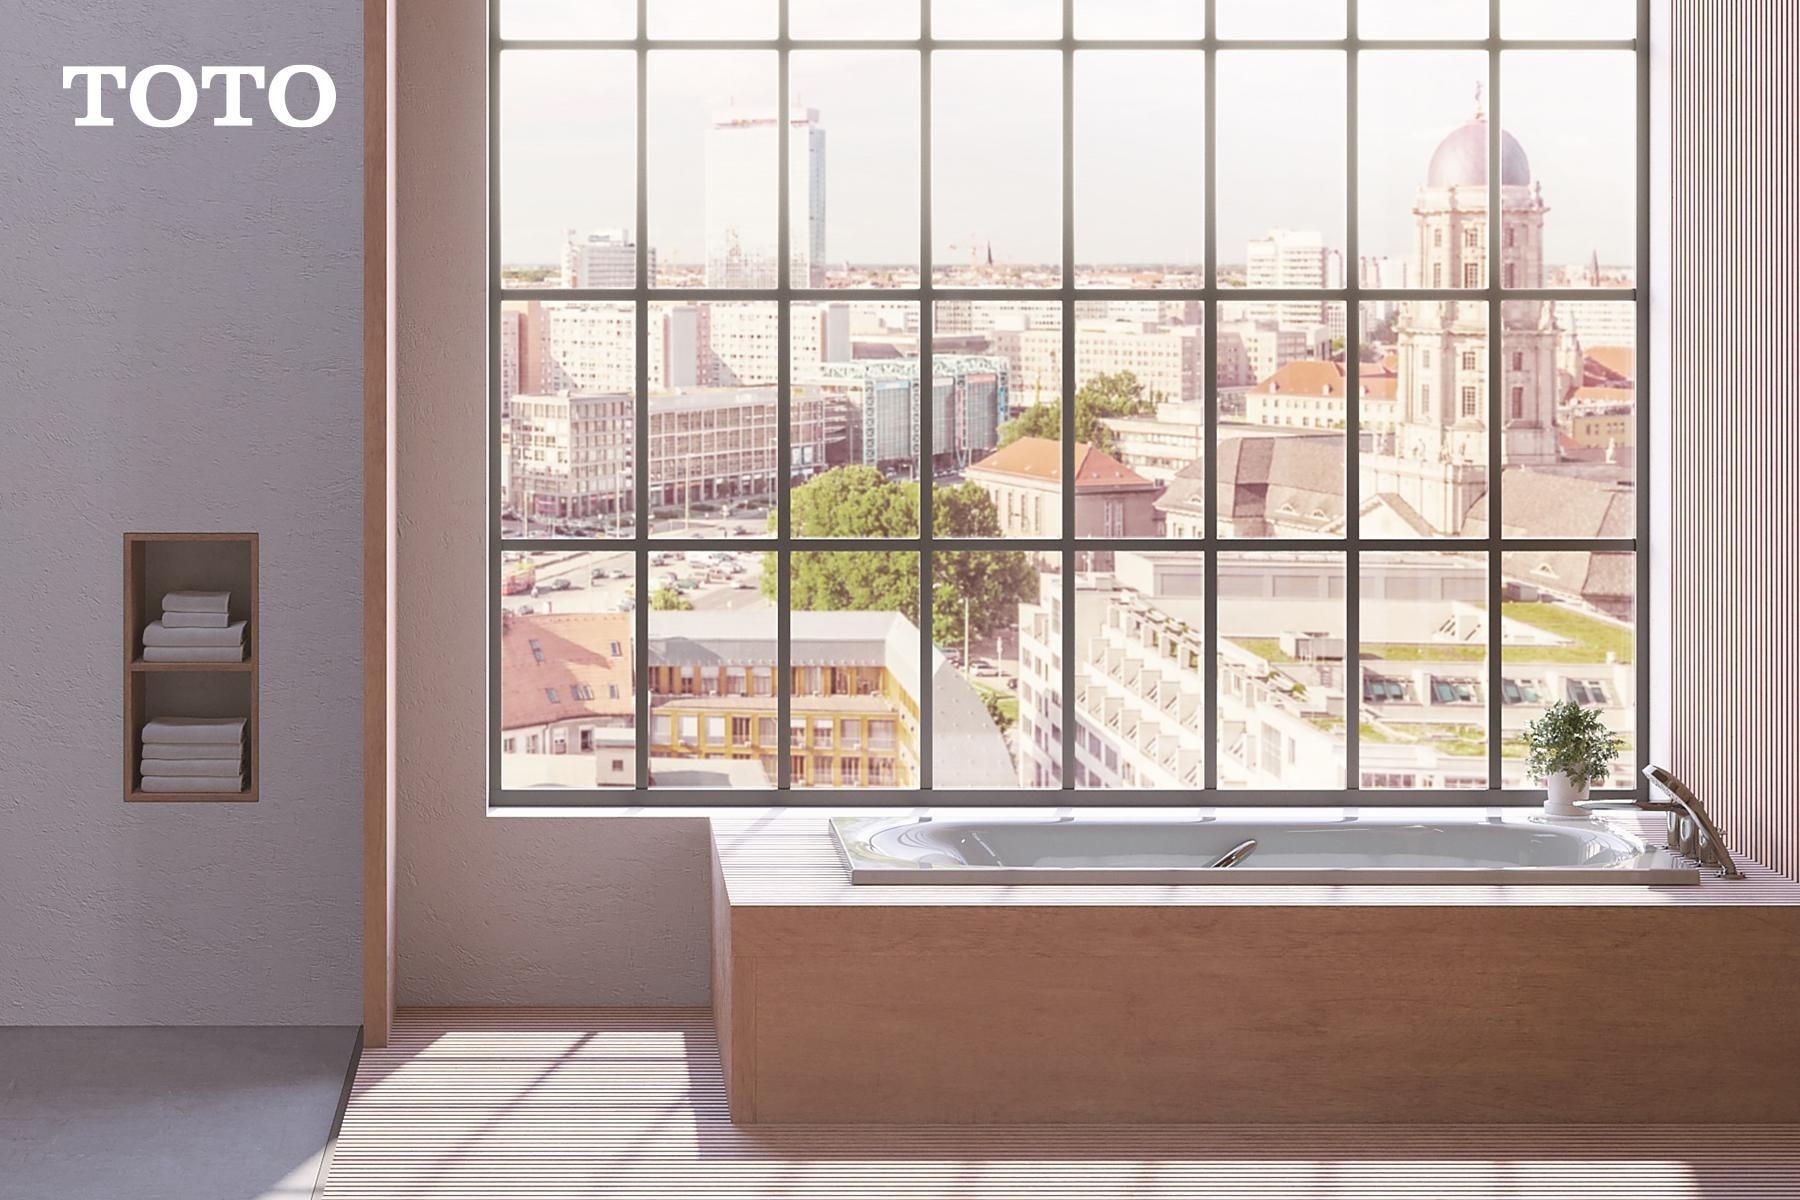 ภาพ: อ่างอาบน้ำแบบฝังเคาน์เตอร์